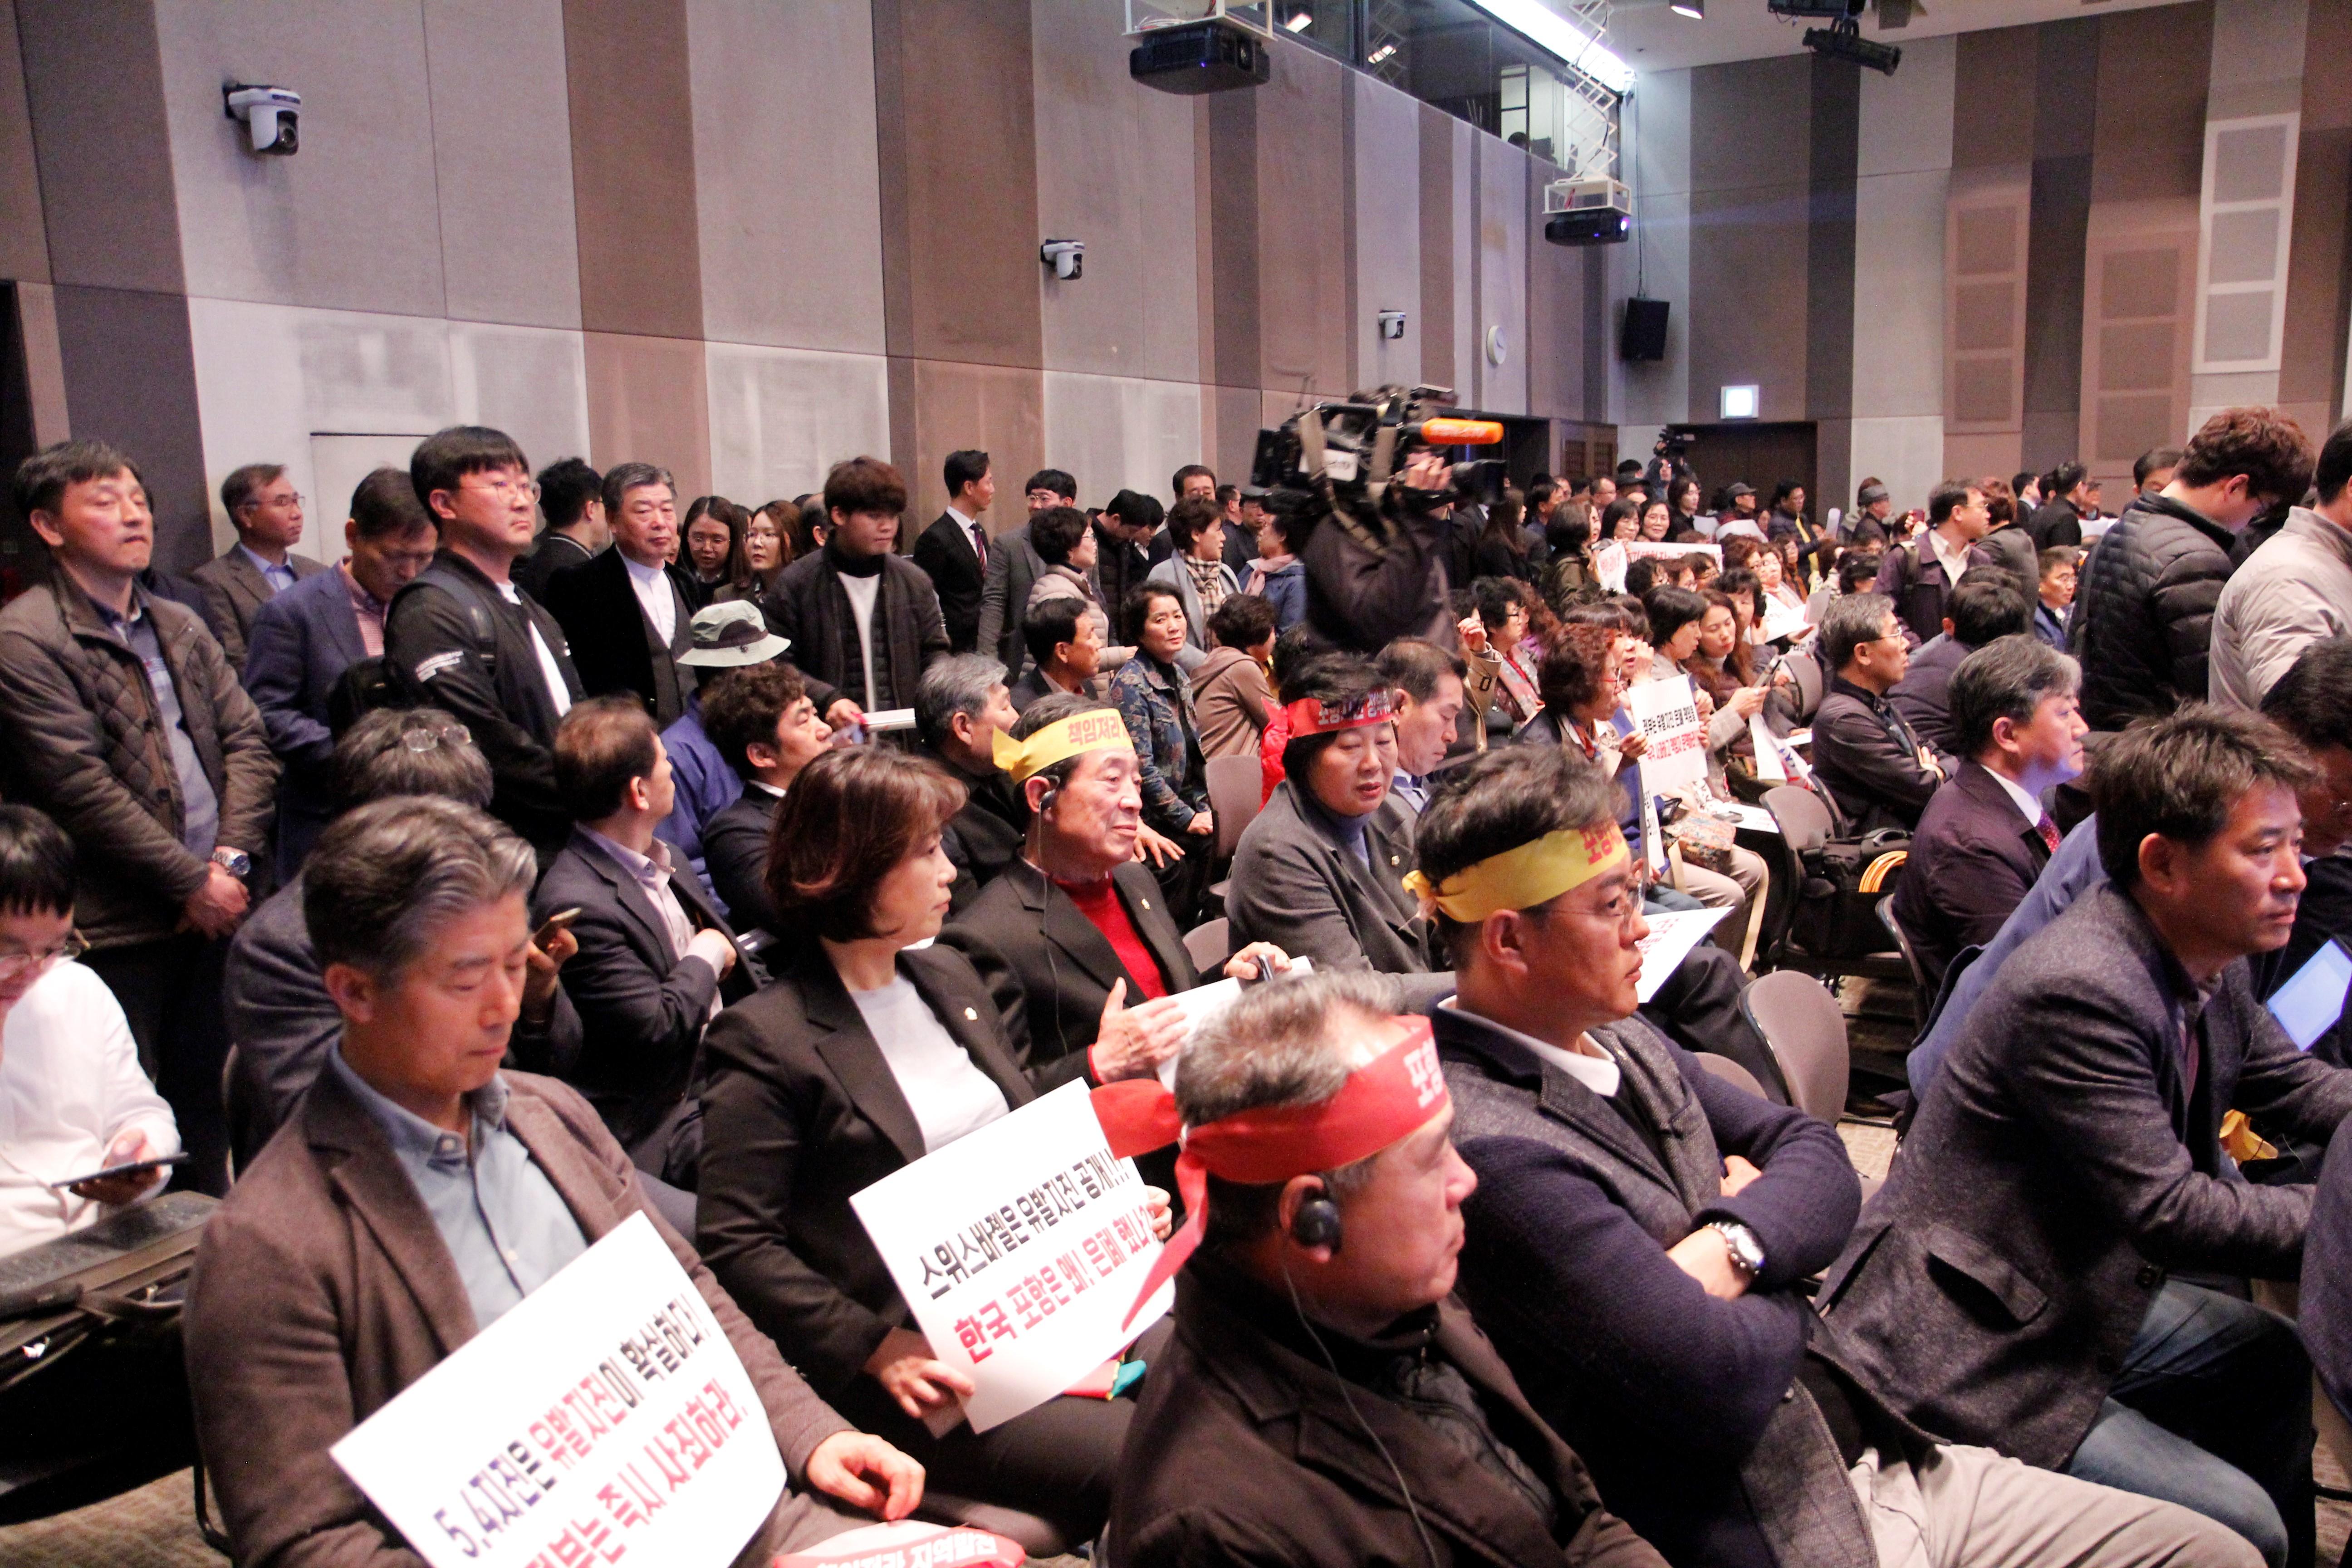 지난 3월 20일 서울 중구 프레스센터에서 열린 포항지진 정부조사연구단 결과 발표장 현장에서 포항시민들이 발표 결과를 지켜보고 있다.  조승한 기자